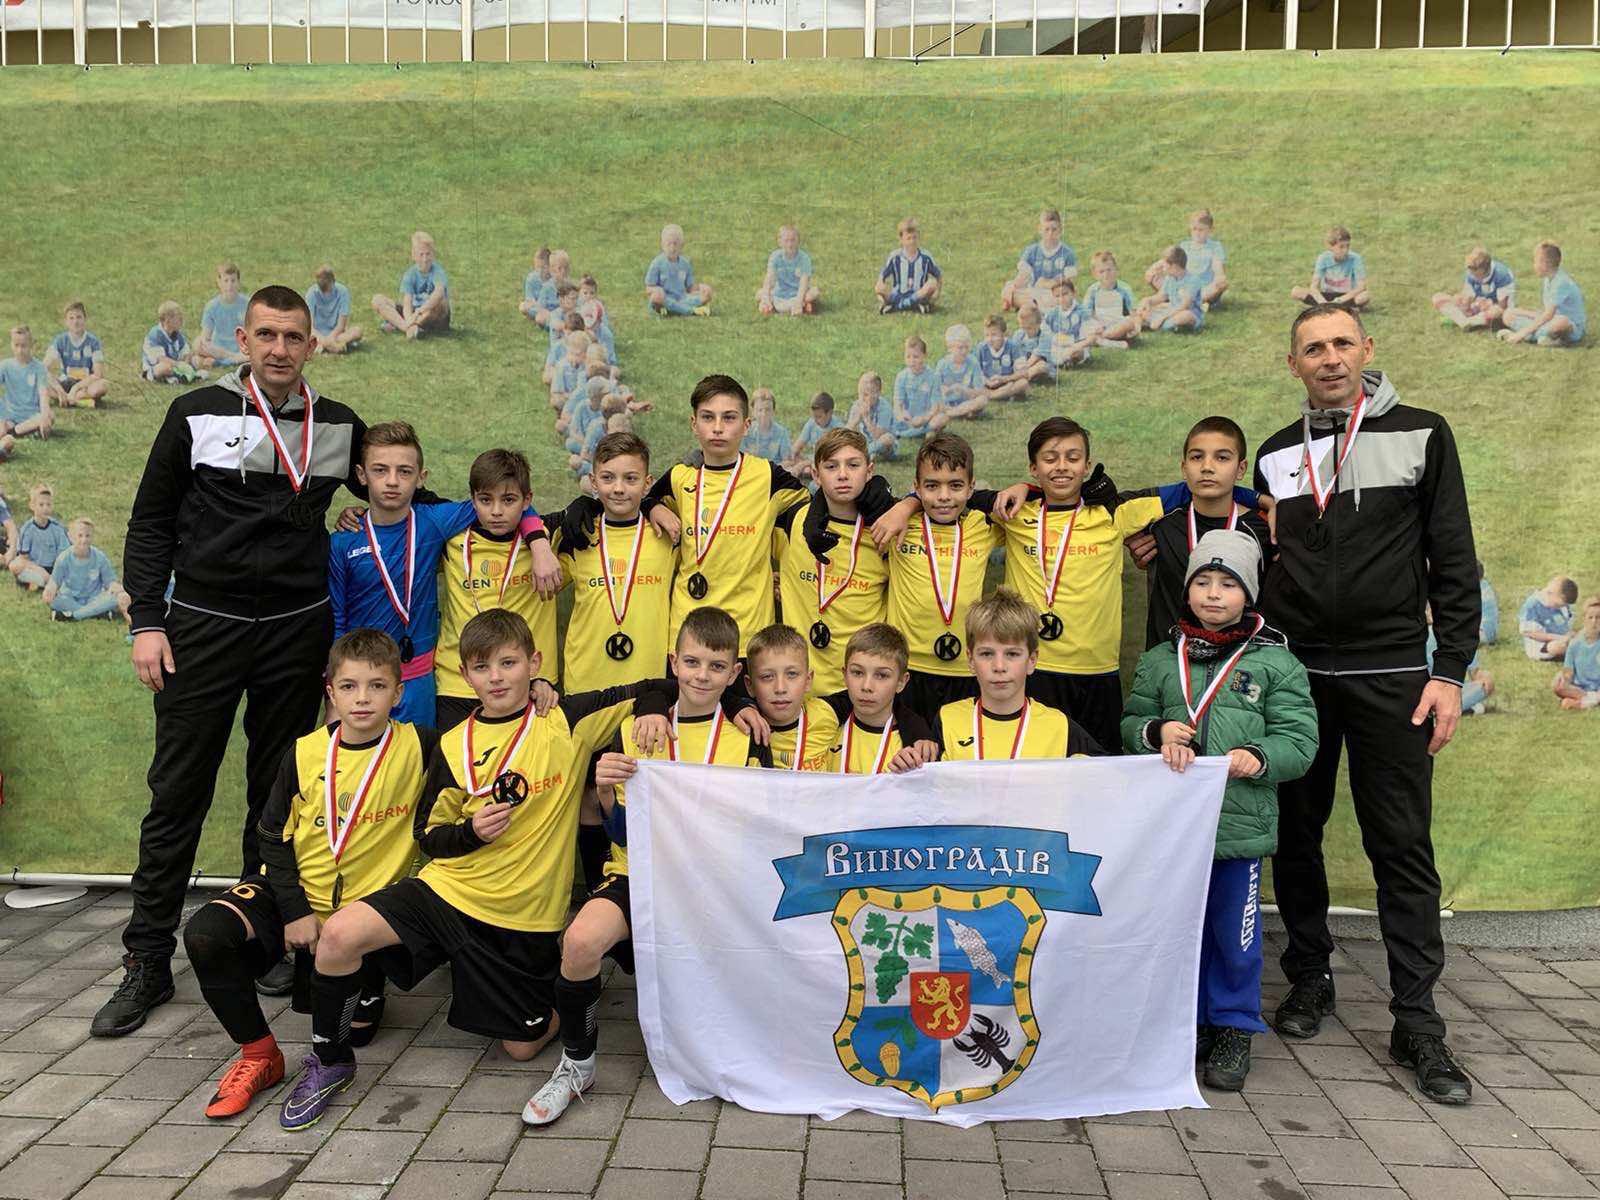 Іван Білак вчить футбольної майстерності юних талантів у Виноградівський ДЮСШ та очолює іршавську